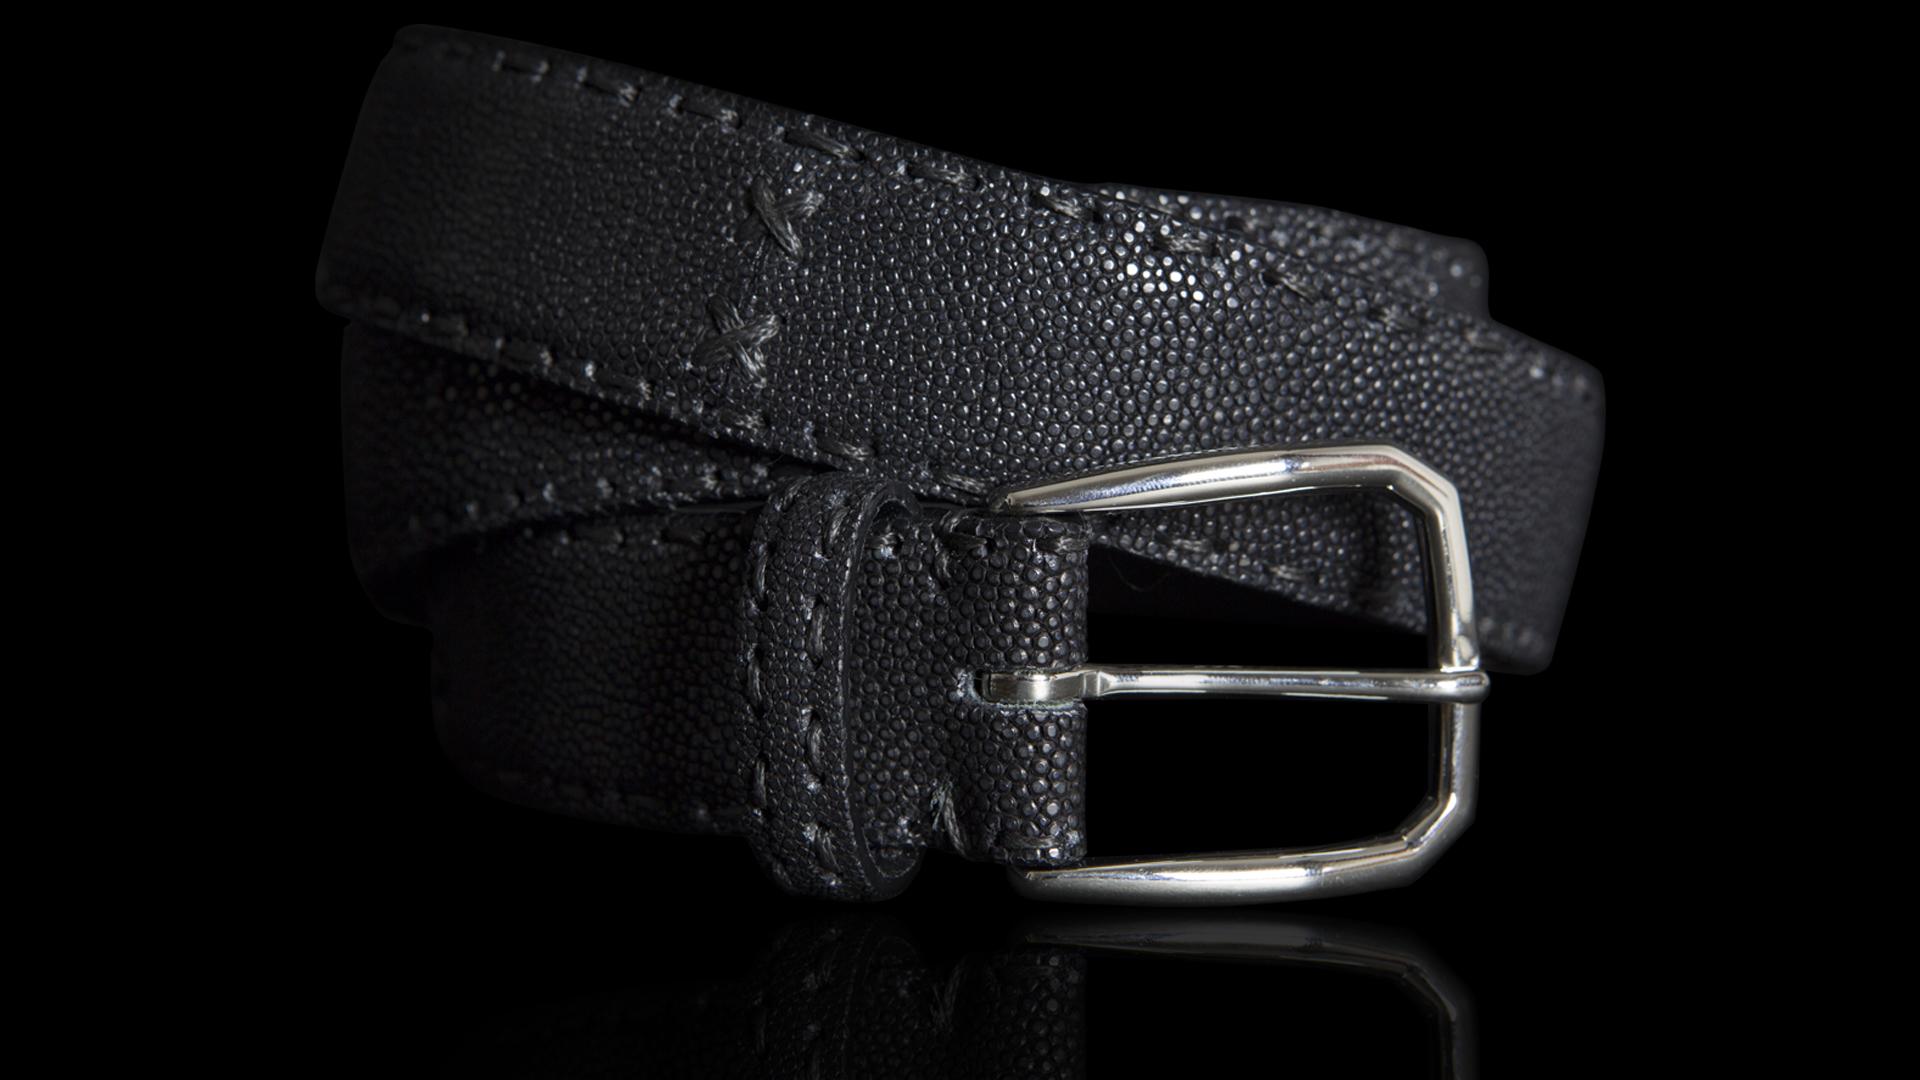 vestibilità classica accogliente fresco più amato Cintura in razza Galuchat colore nero